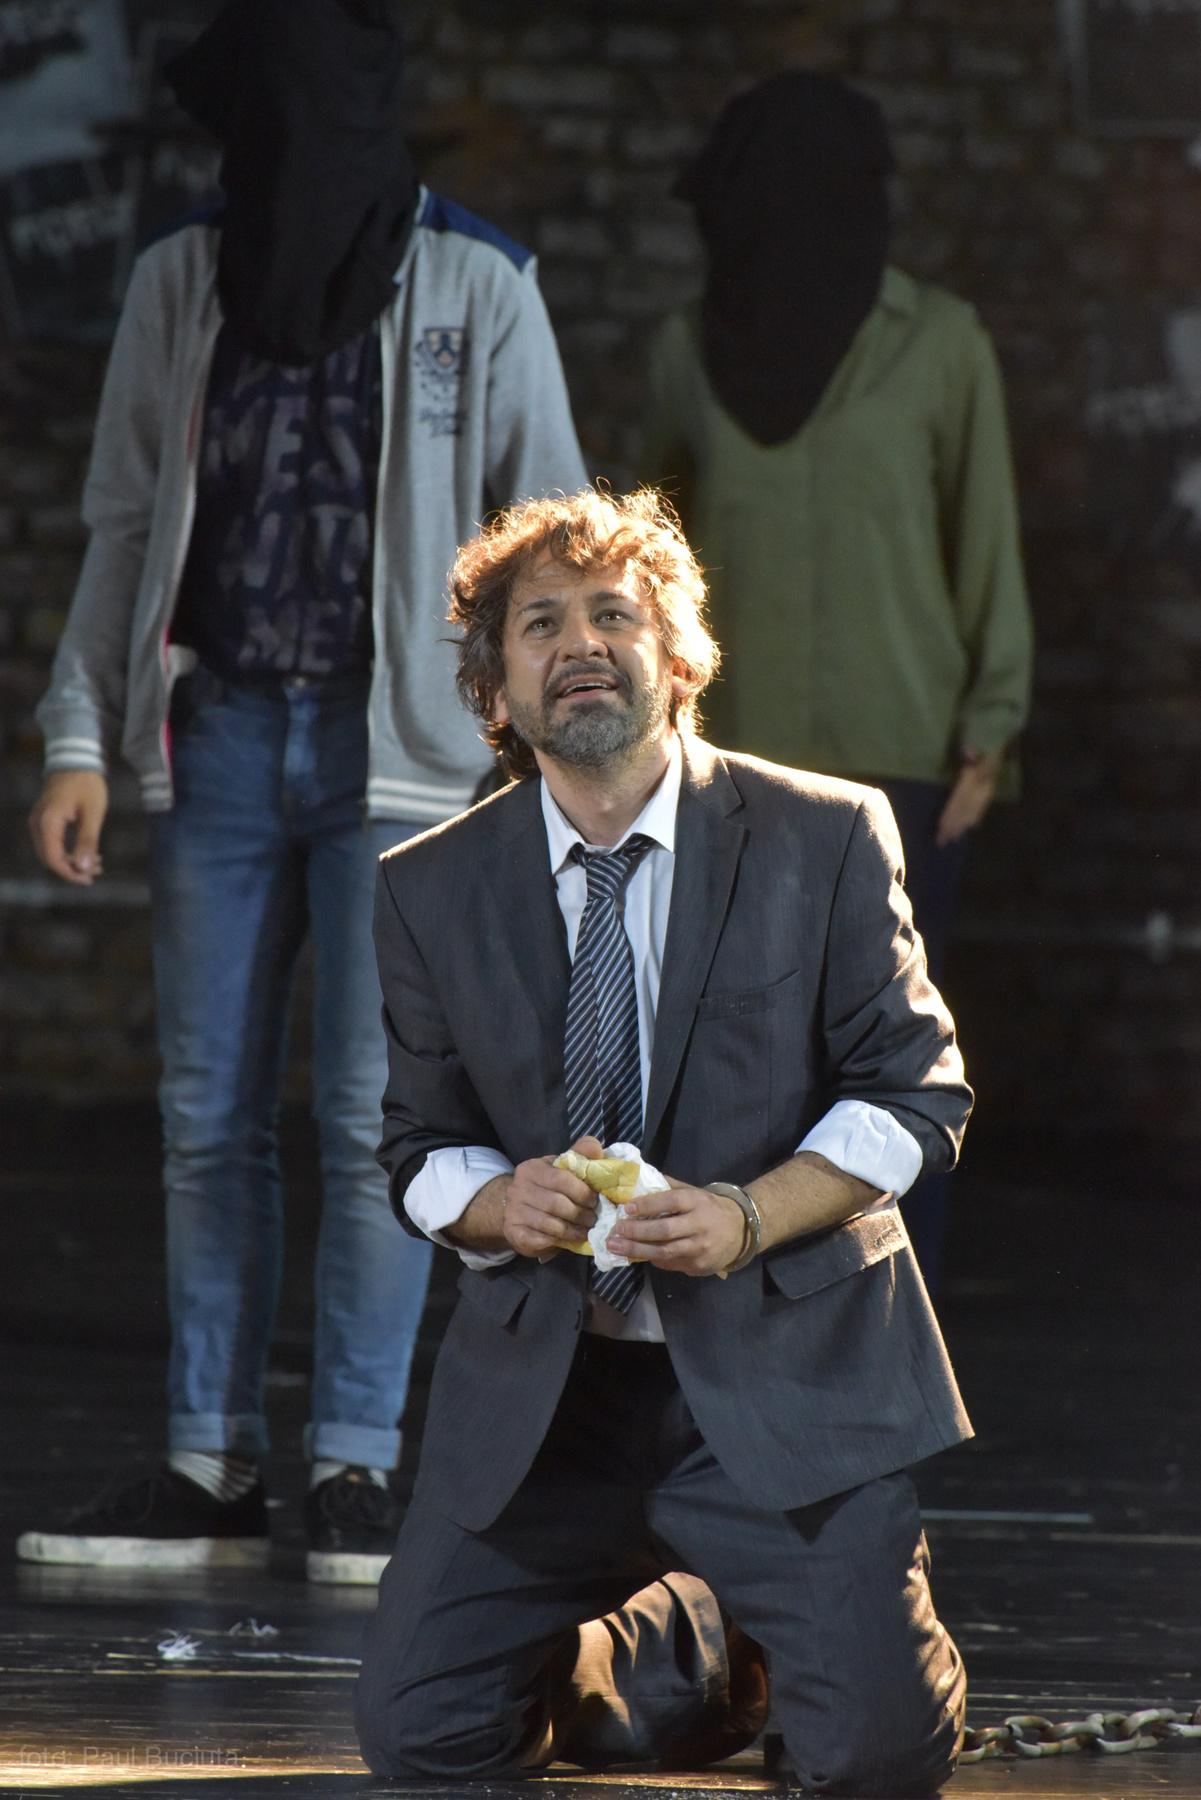 Marius Vlad Budoiu pe scena Operei Nationale Bucuresti in rolul Florestan din opera Fidelio de Ludwig van Beethoven